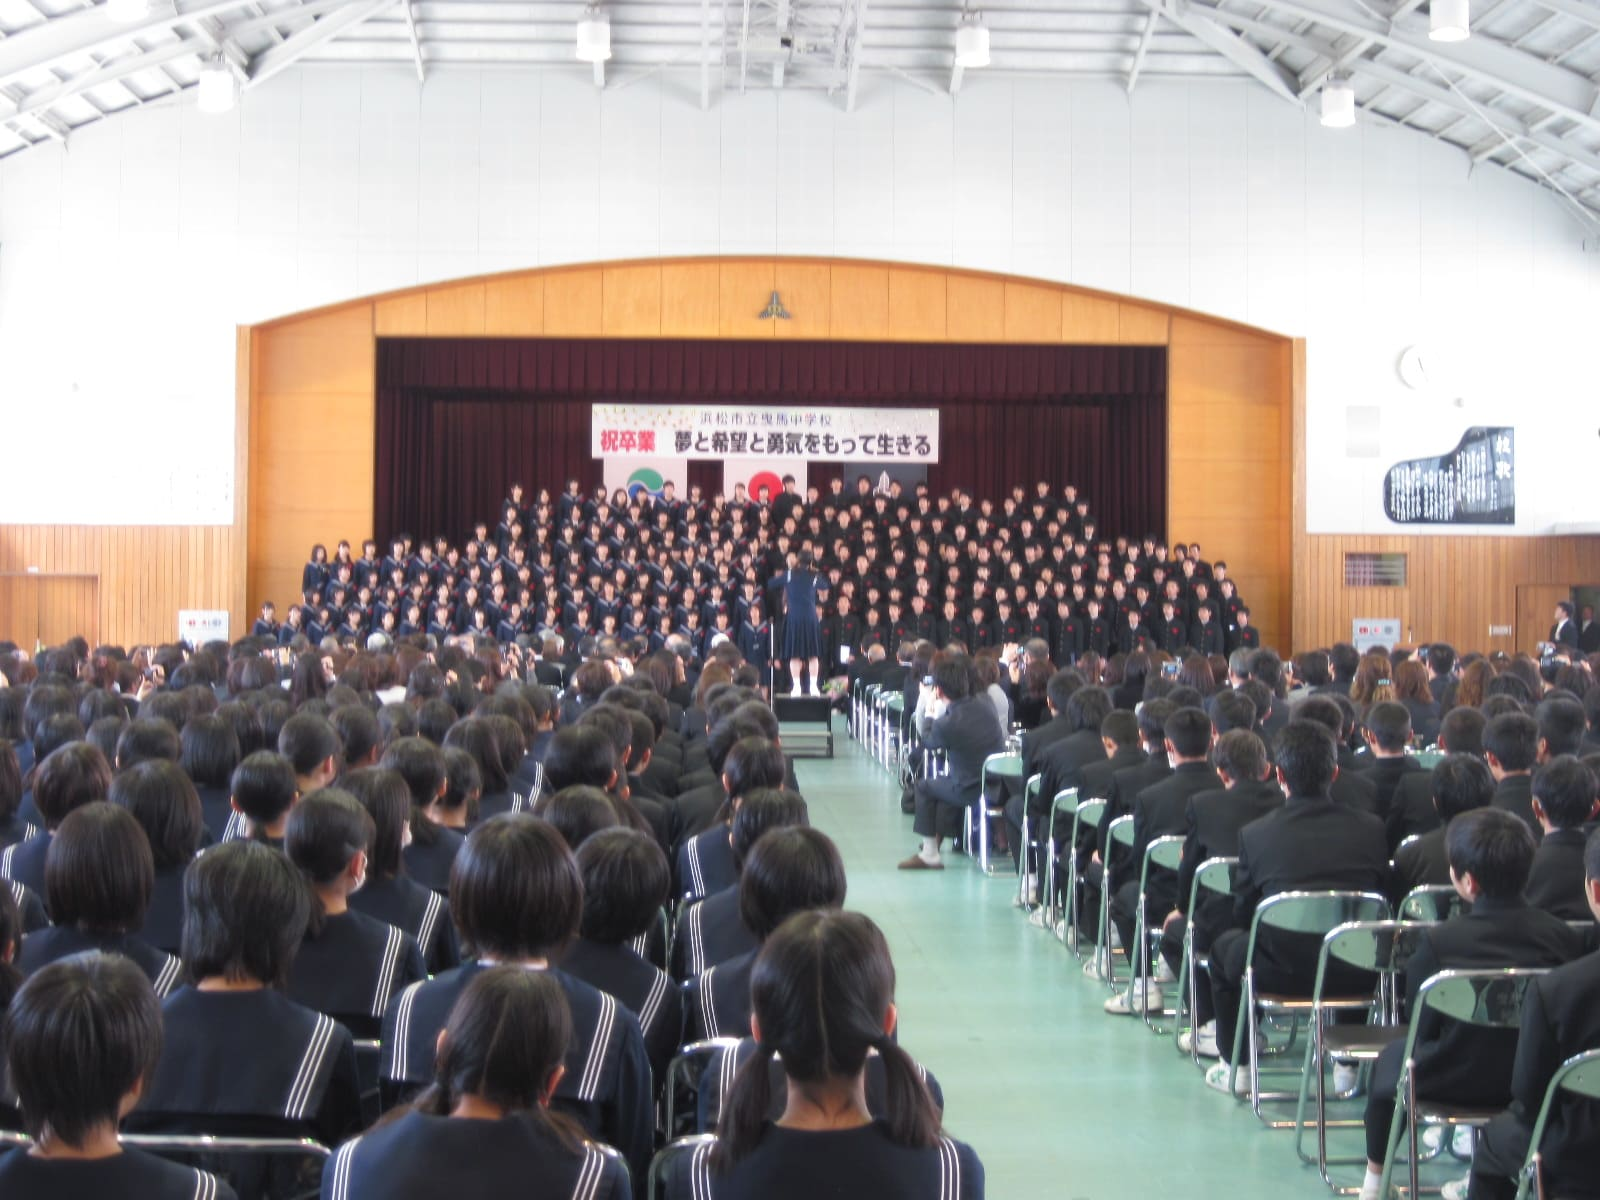 2013年3月のブログ記事一覧-こんにちは!浜松市立曳馬中学校の ...